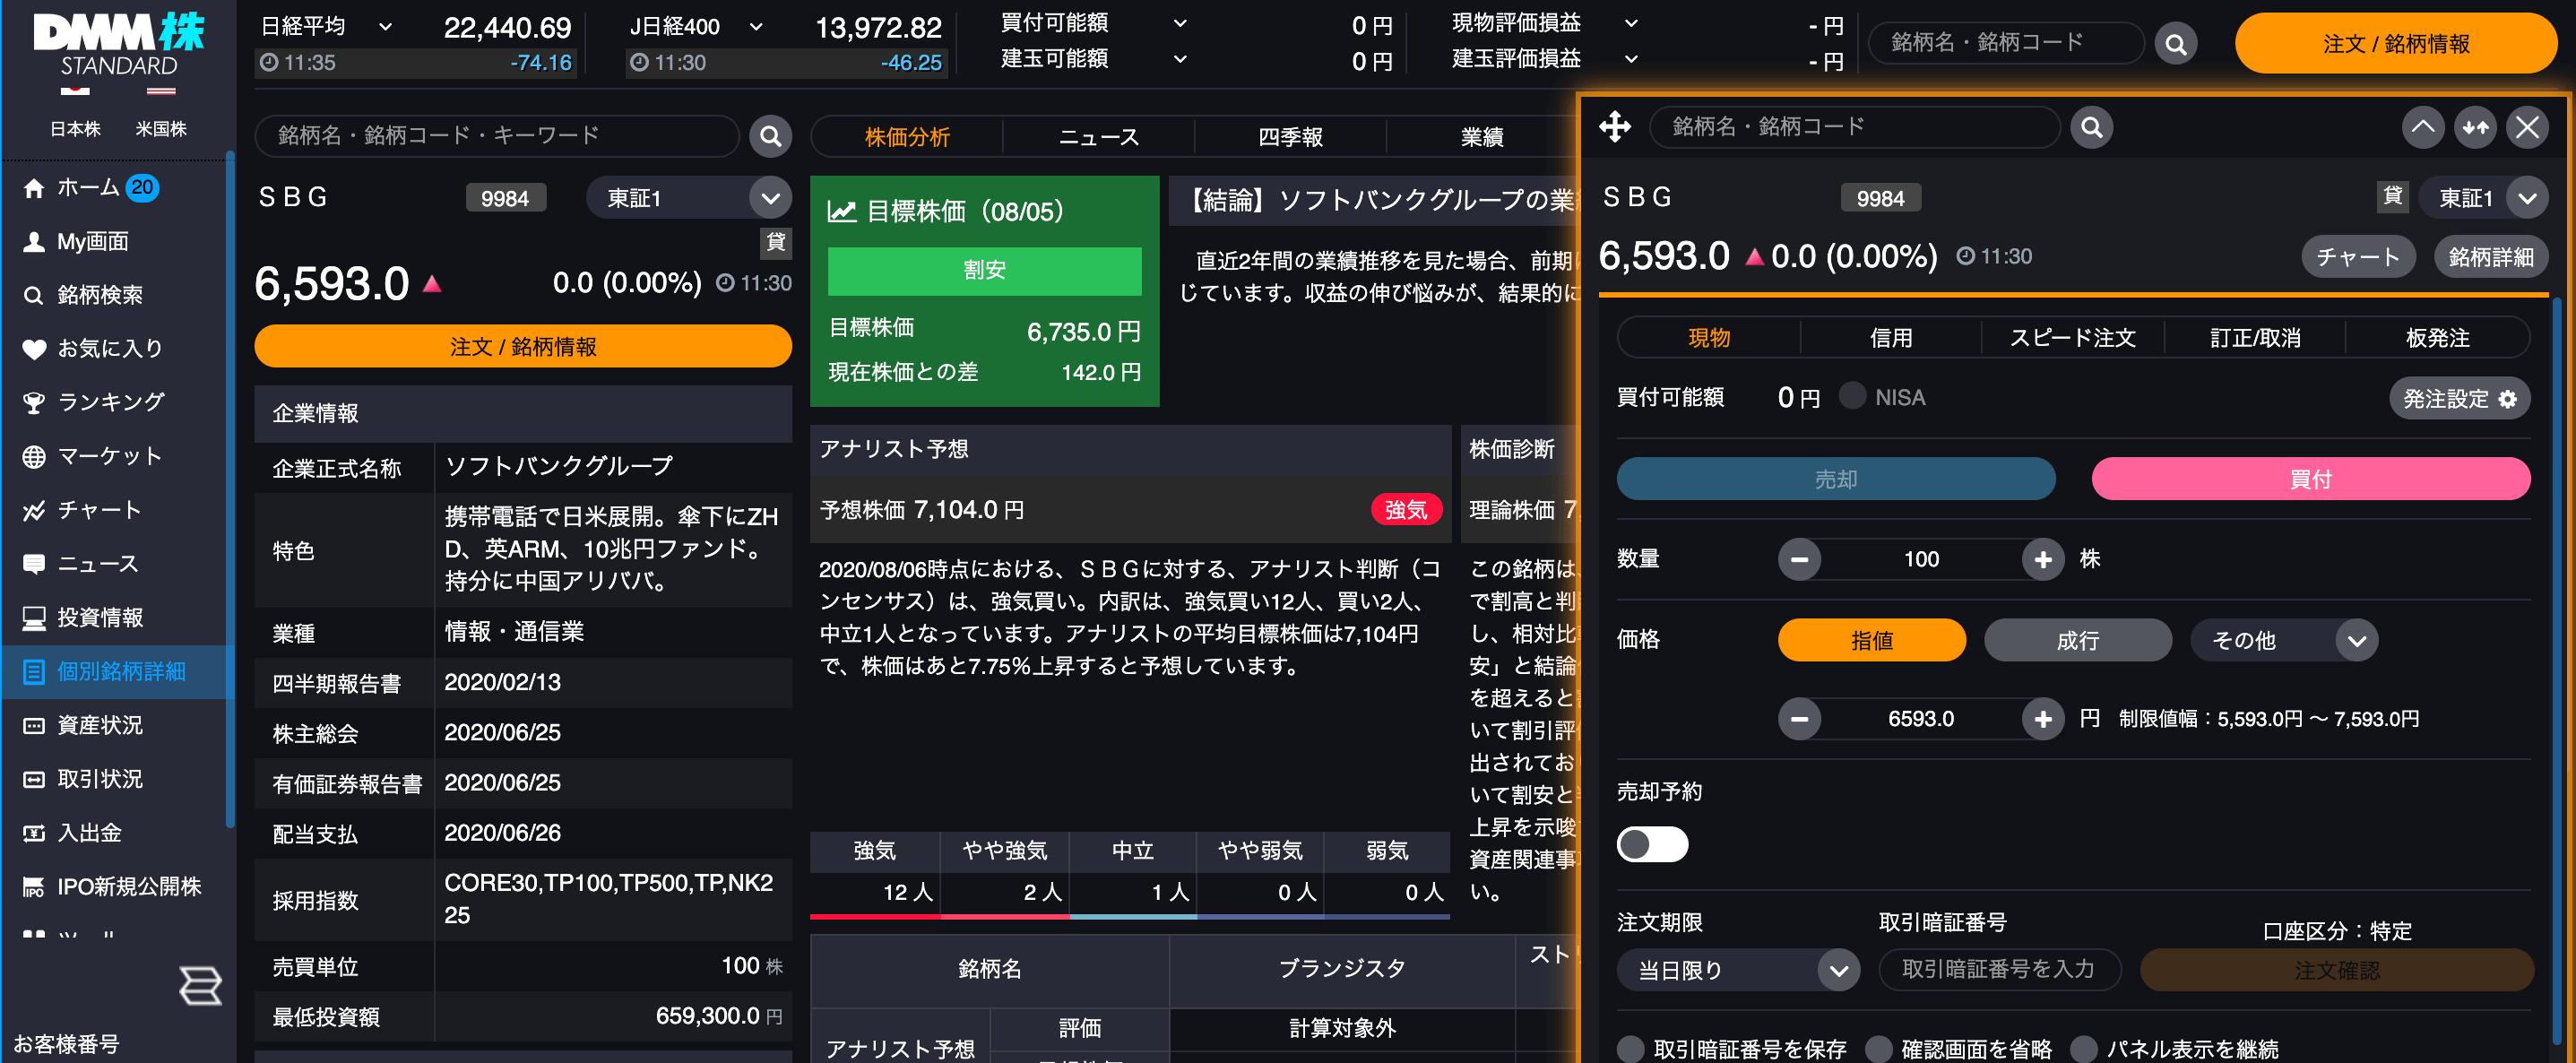 DMM株の取引ツール